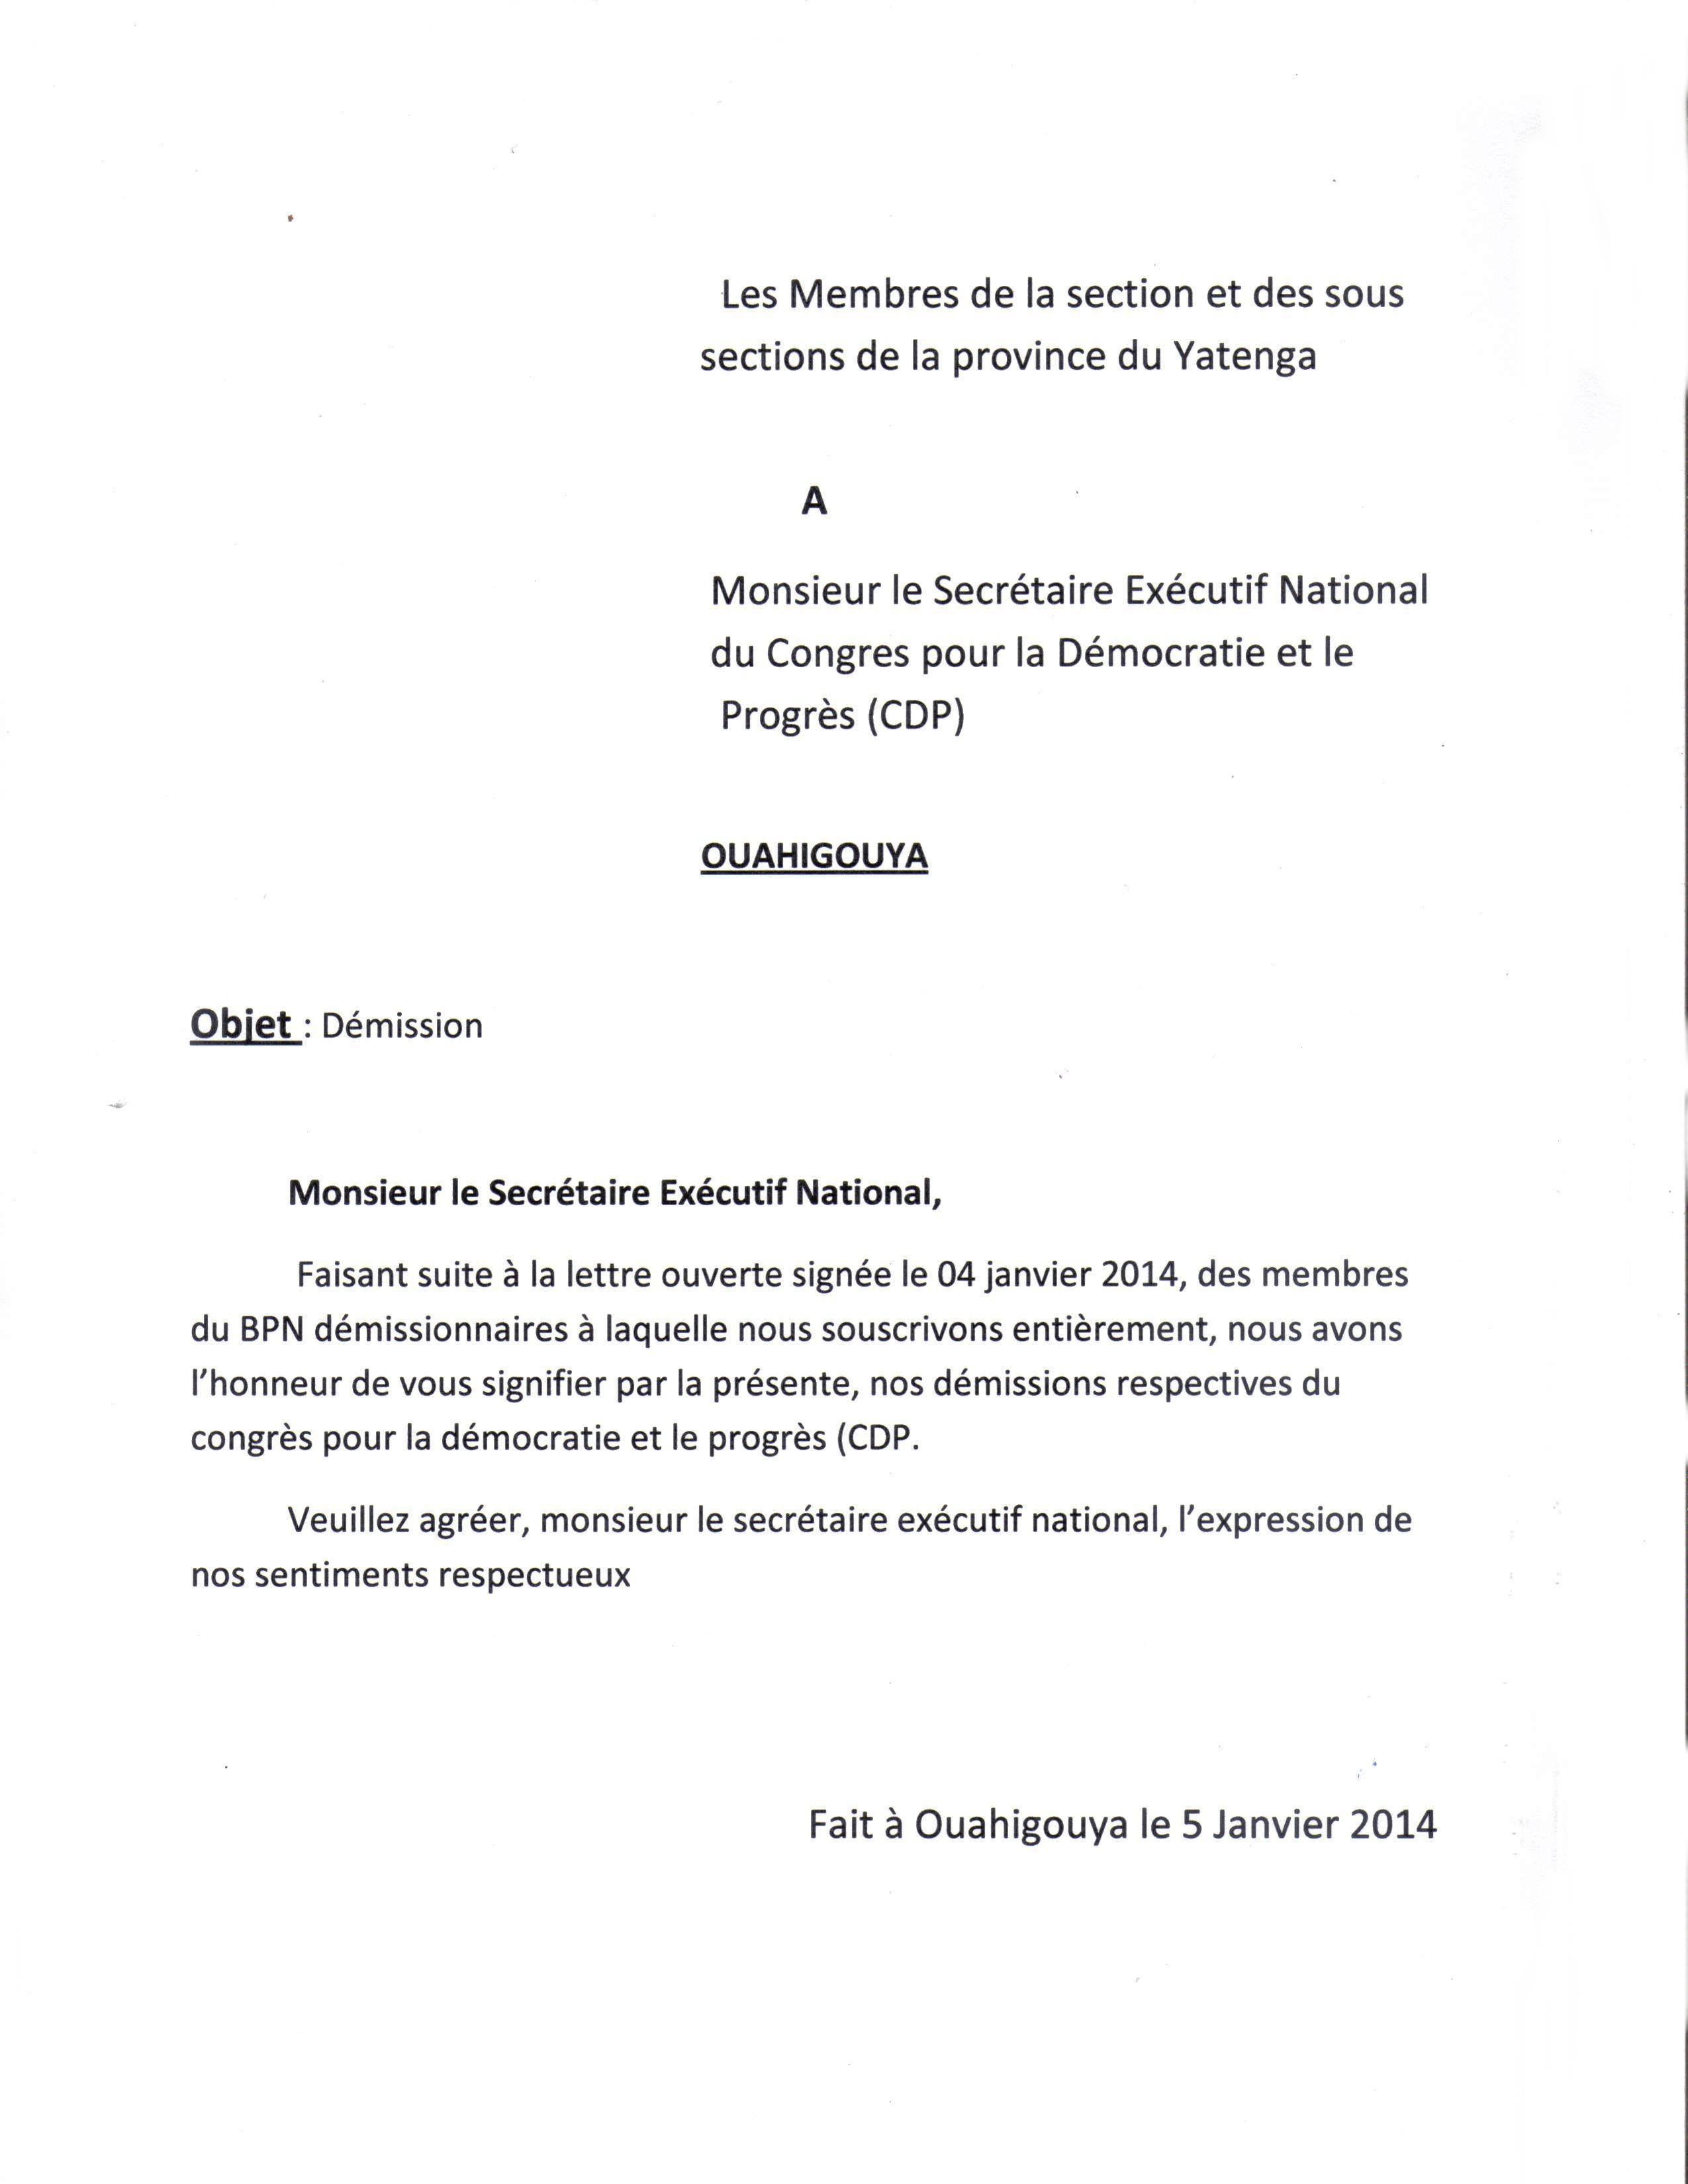 lettre de demission boulangerie lettre de démission – L'Actualité du Burkina Faso 24h/24 lettre de demission boulangerie